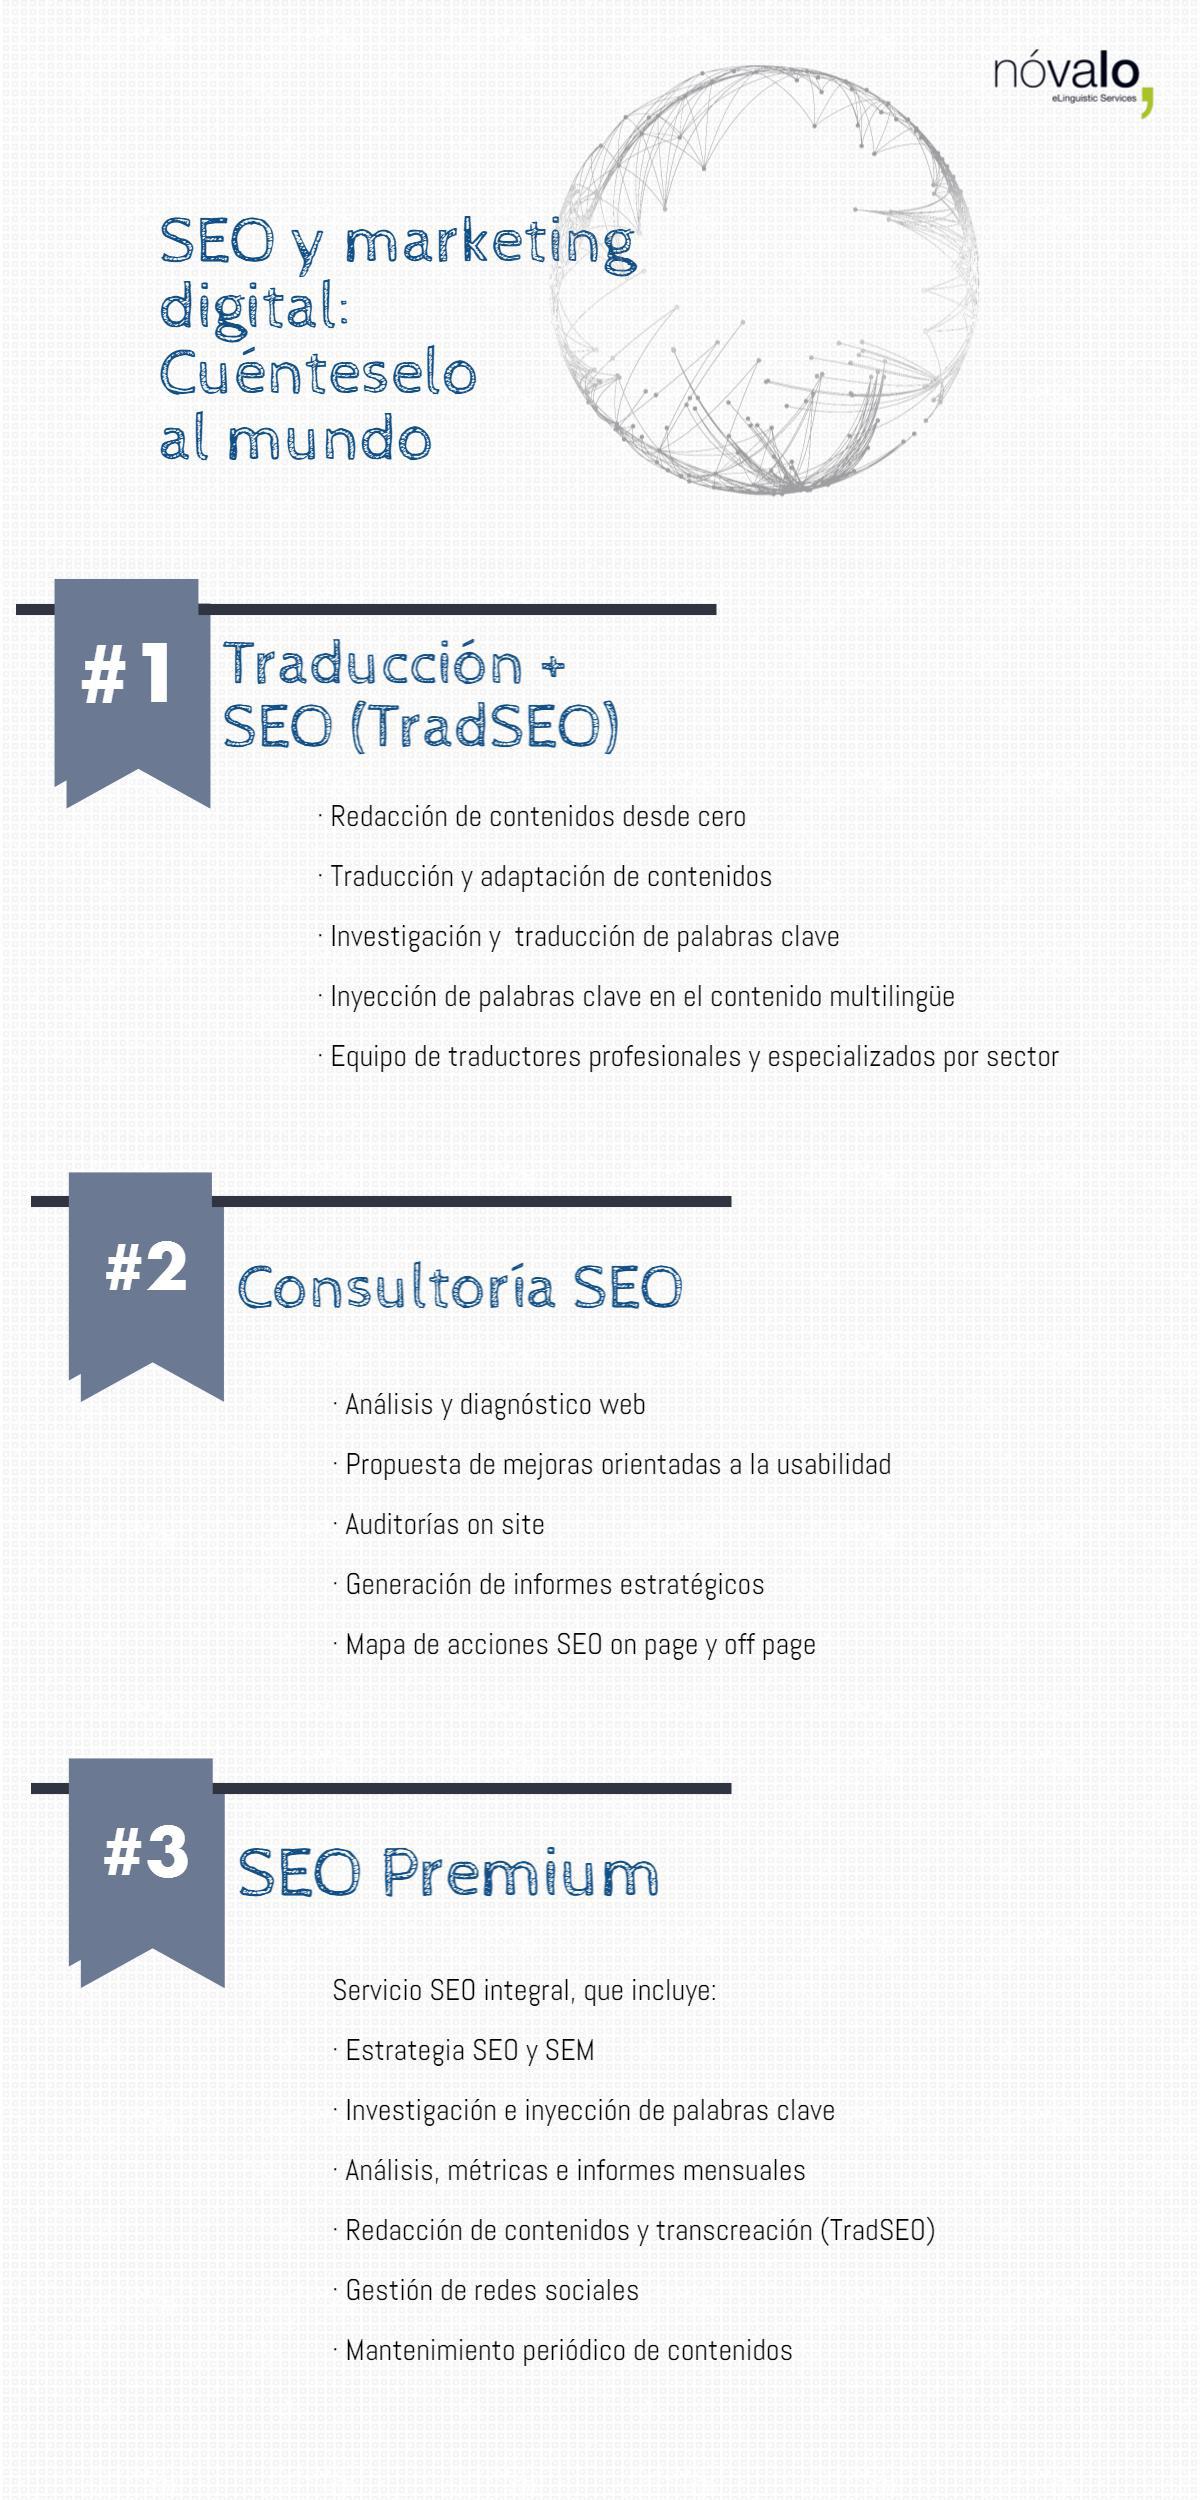 Novalo agencia de traduccion, marketing digital y SEO